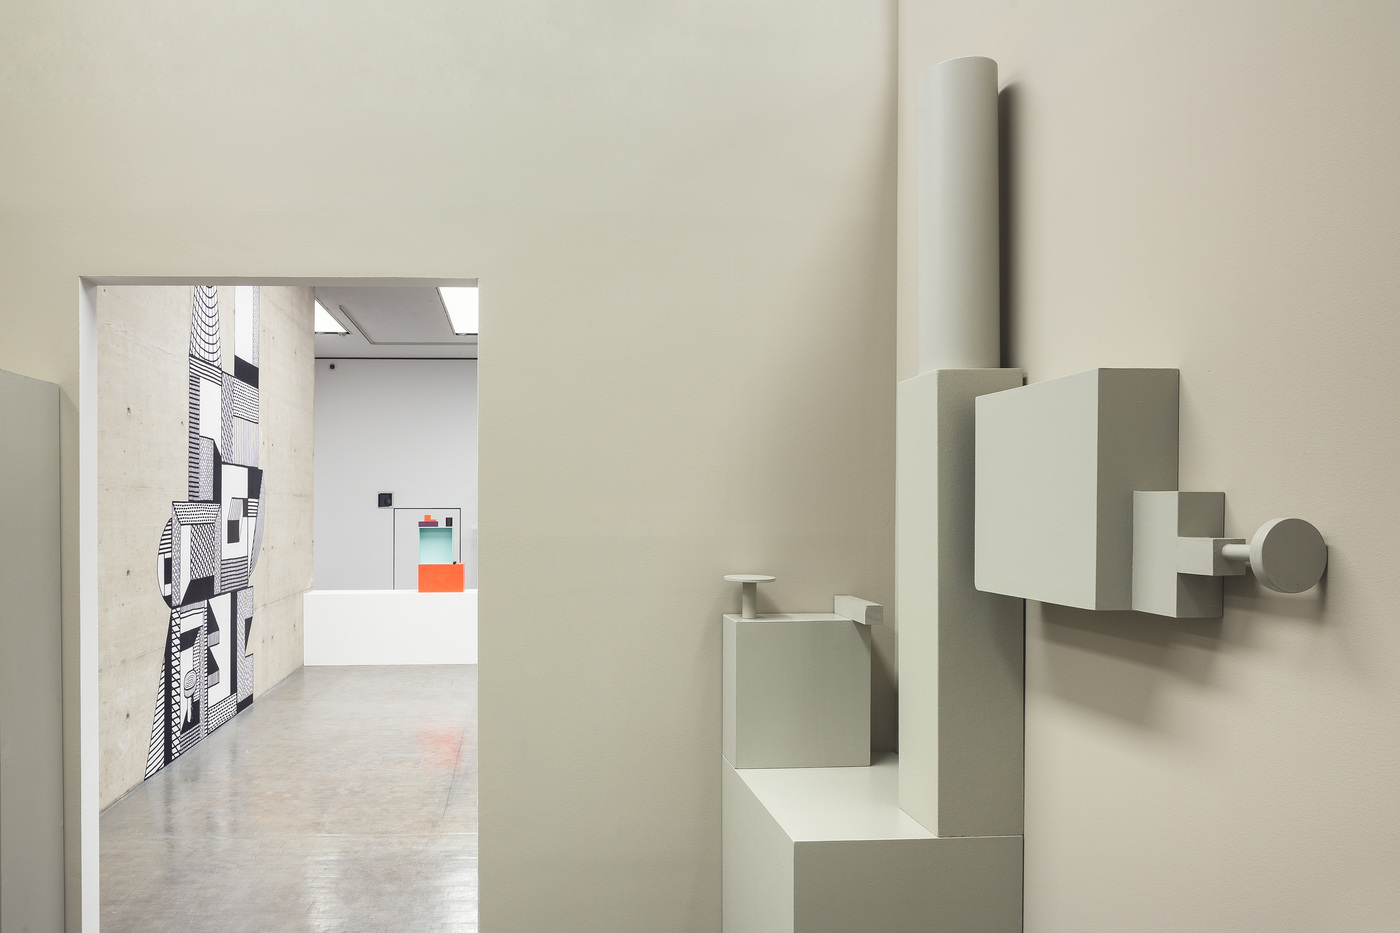 2_Ausstellungsansicht_Nathalie-Du-Pasquier_Delfino-Sisto-Legnani